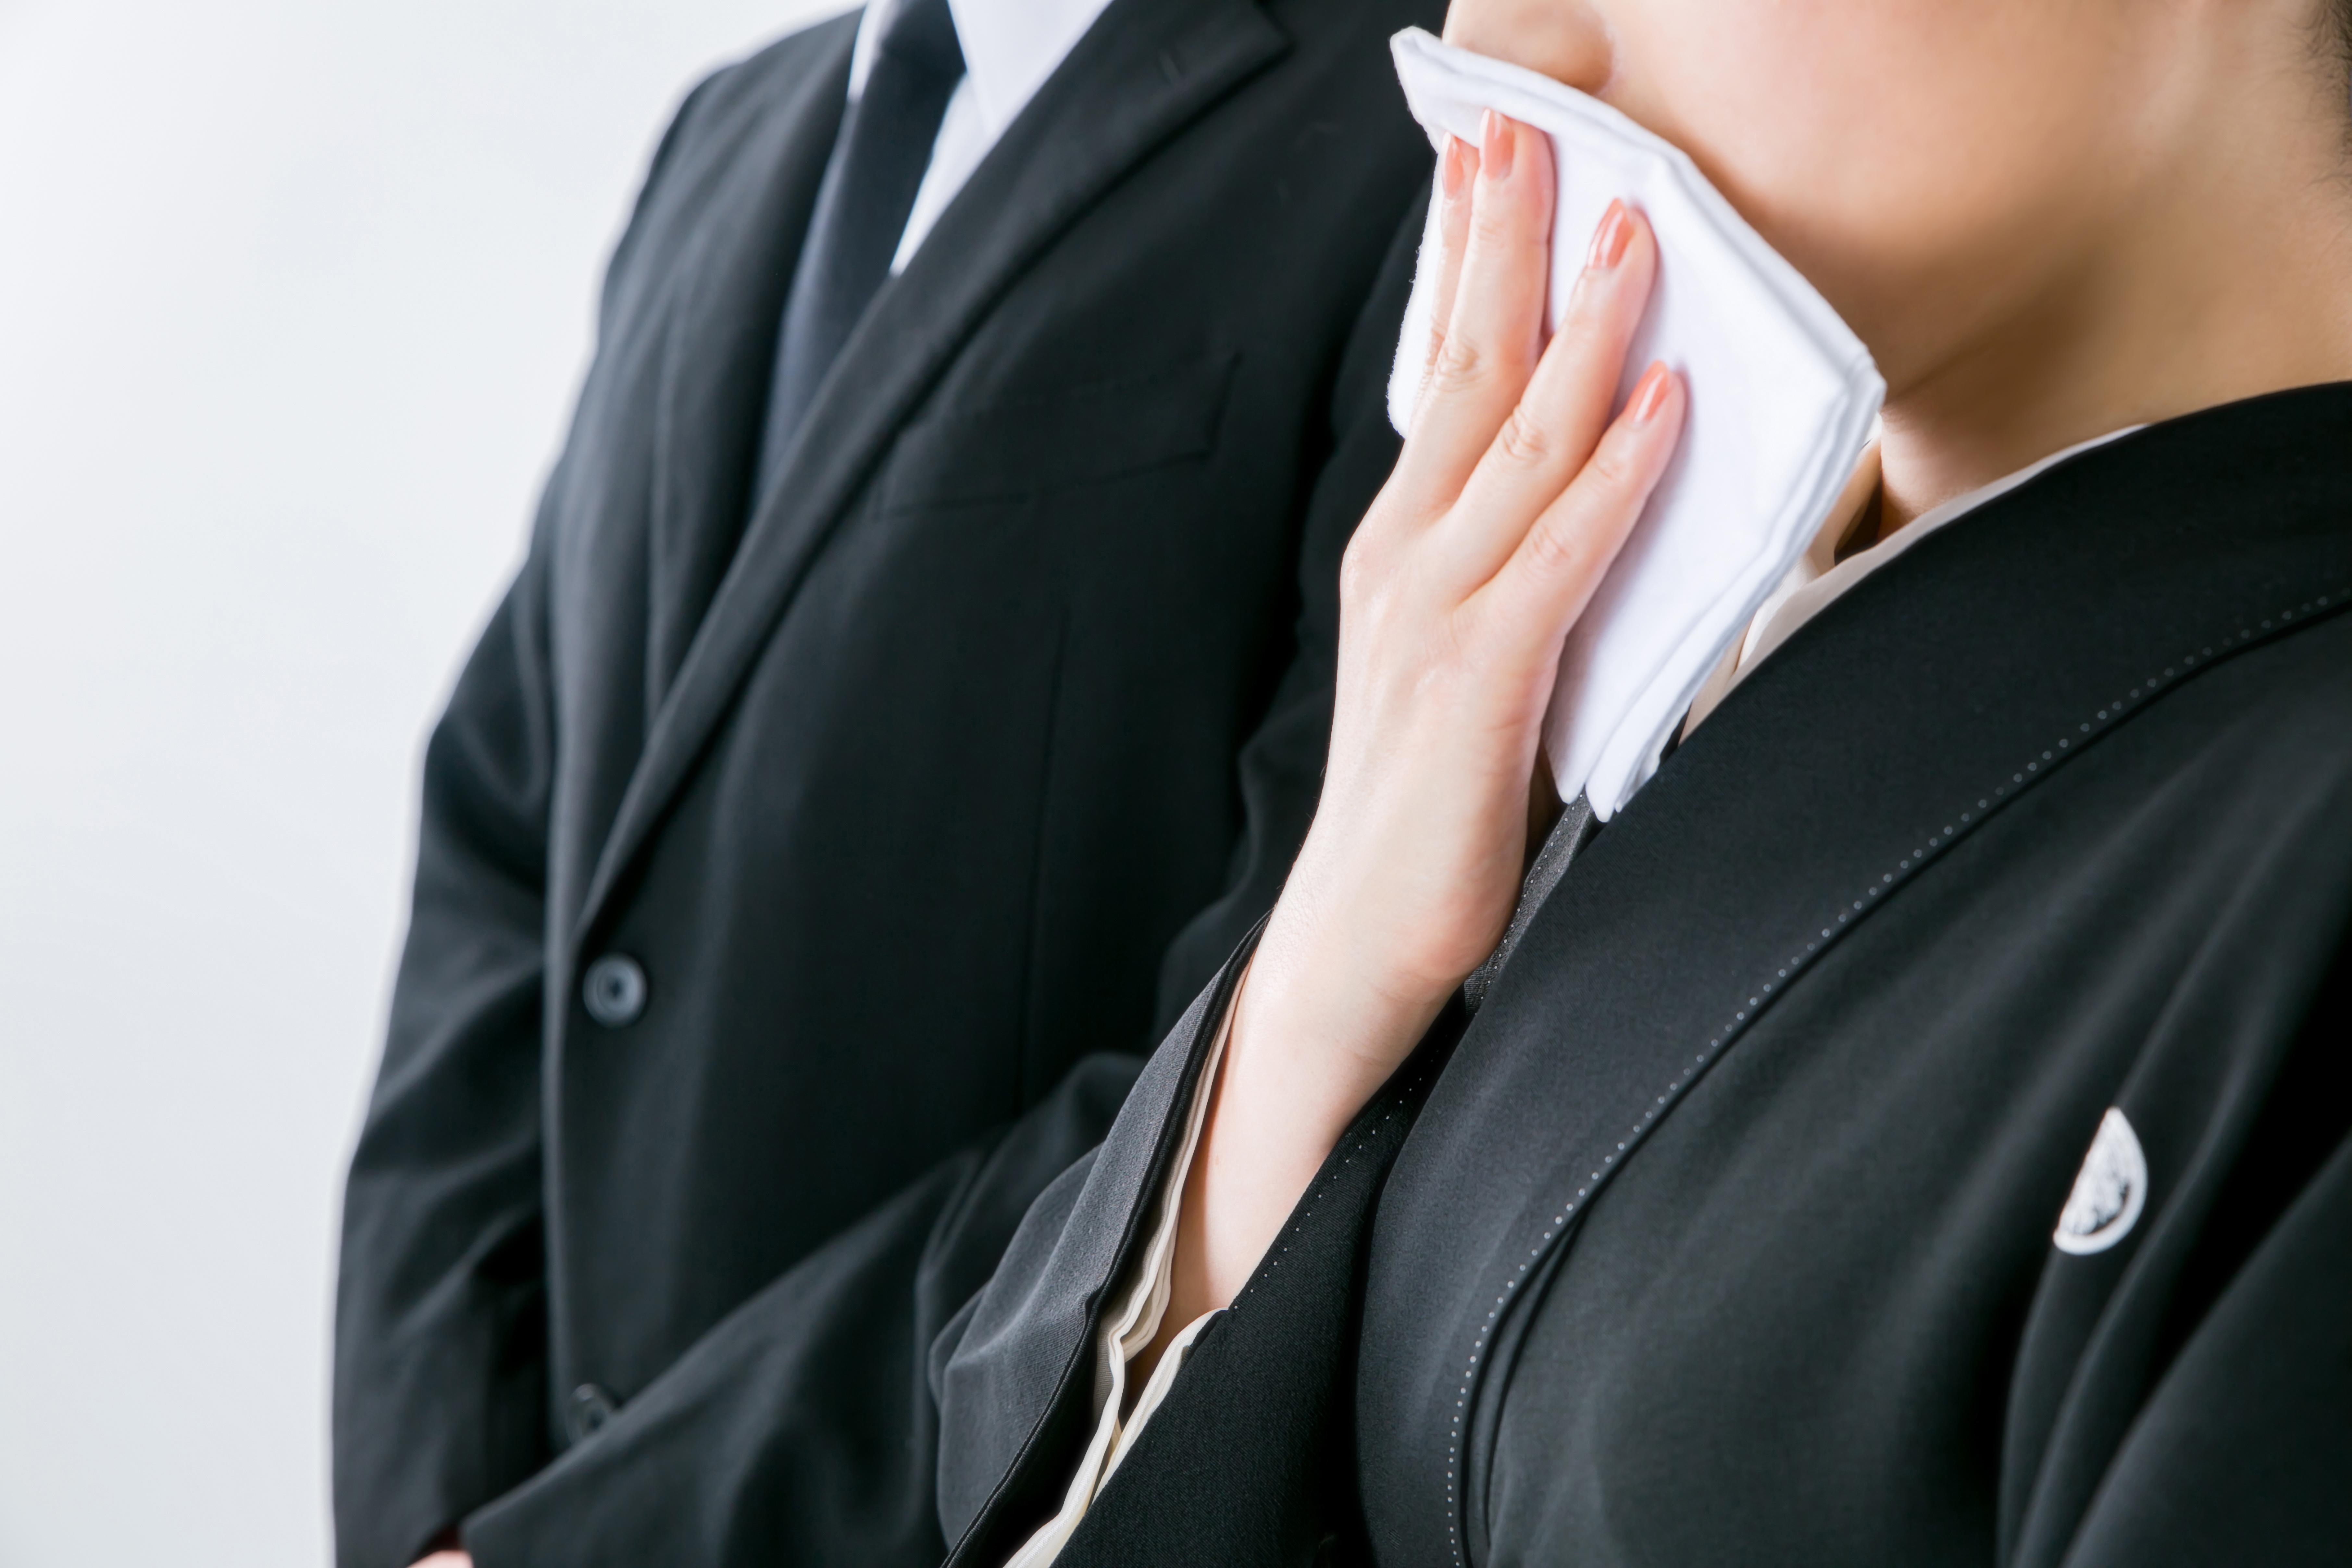 【葬儀】弔辞は封筒に入れるべき?入れ方・マナー・注意点を解説!のサムネイル画像